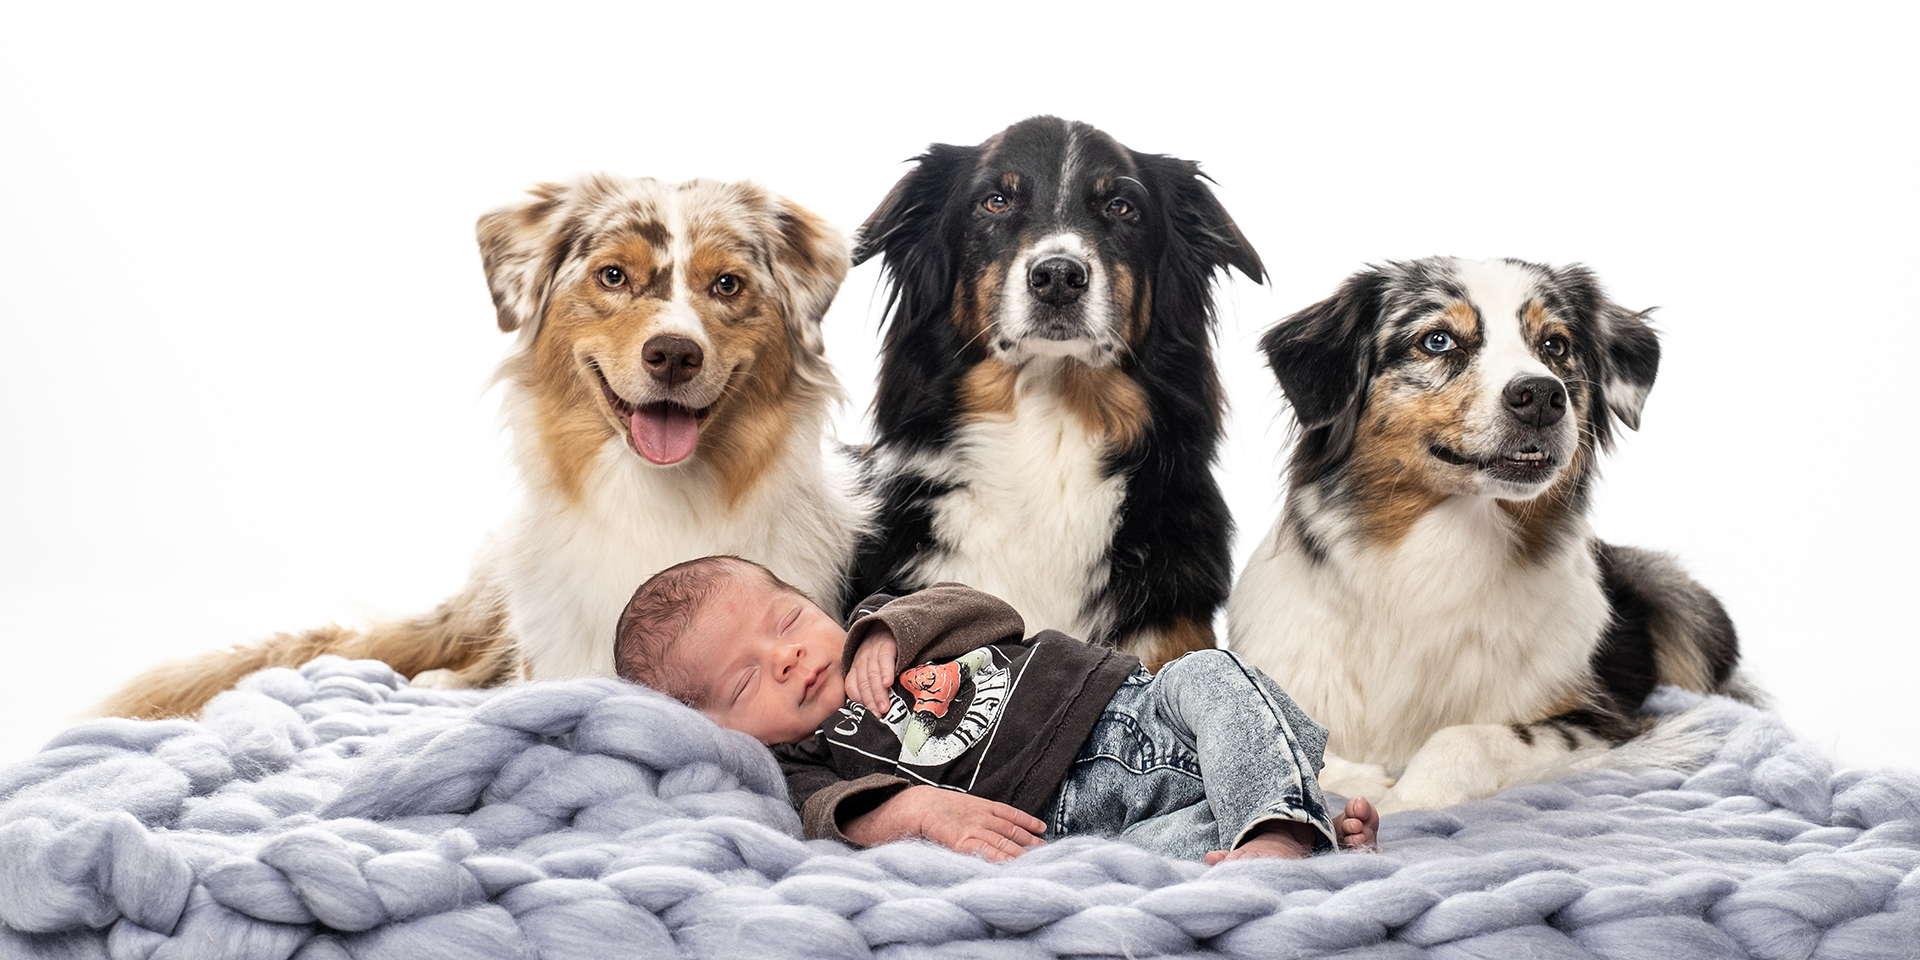 drei-hunde-mit-schlafendem-baby-im-fotostudio1